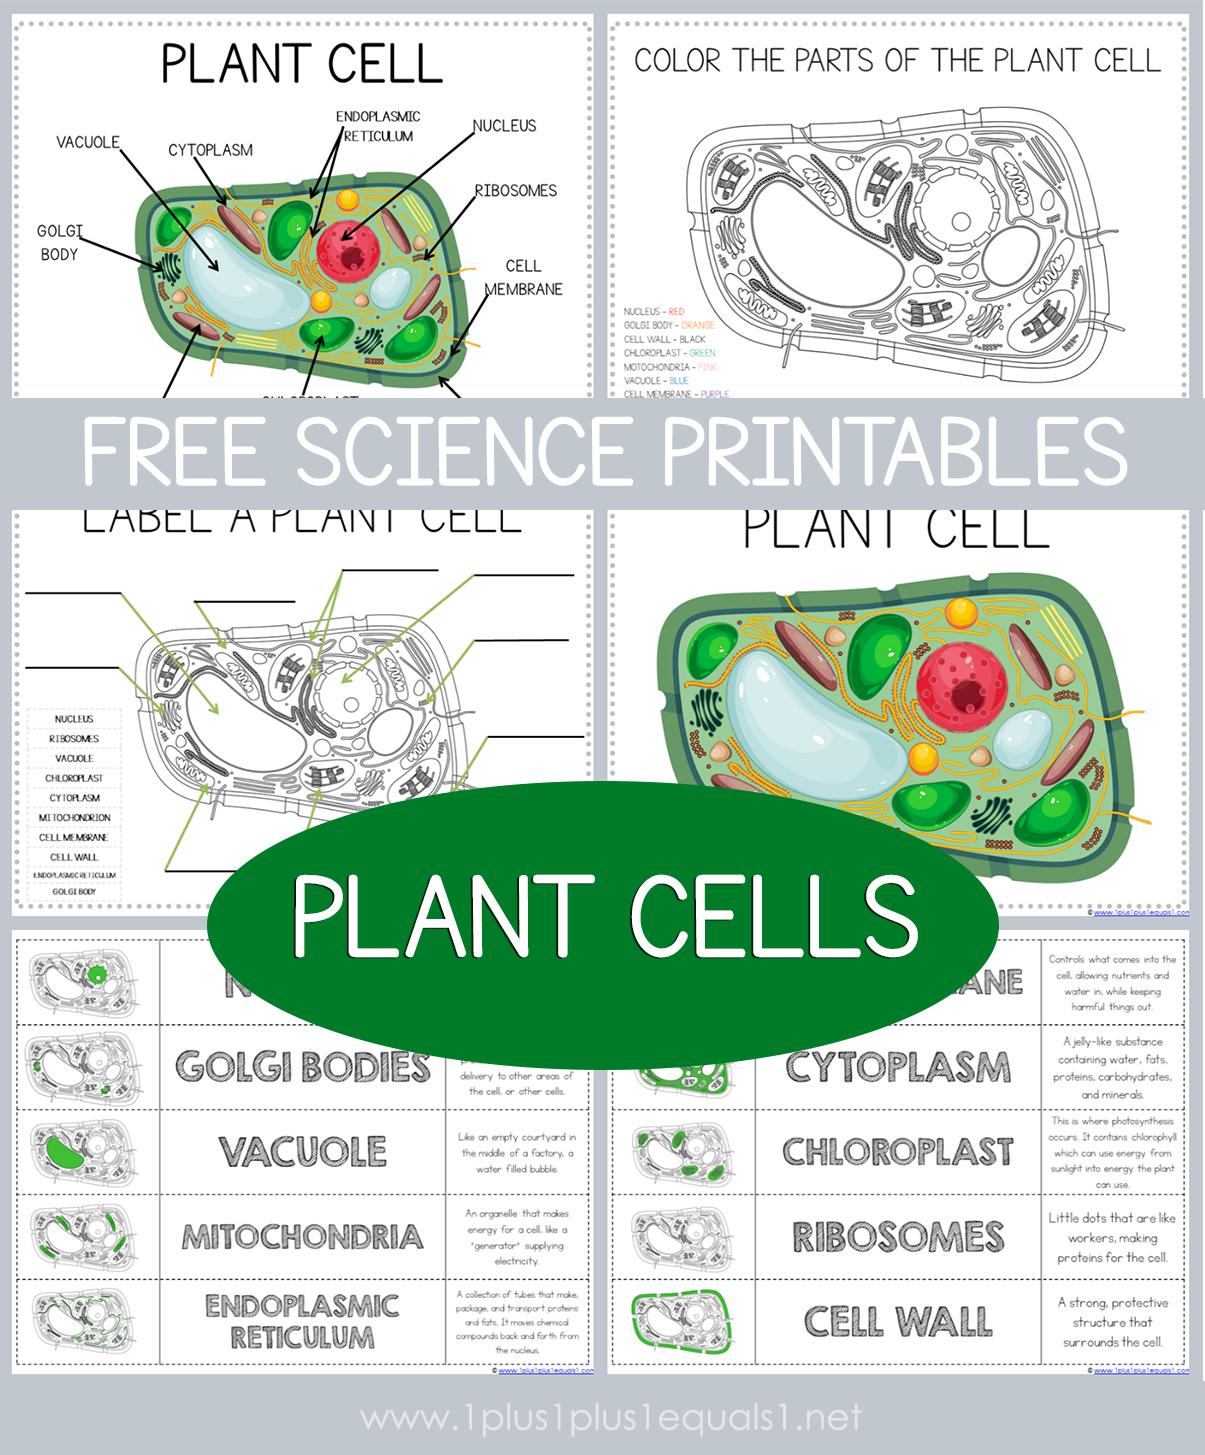 Free Science Printables